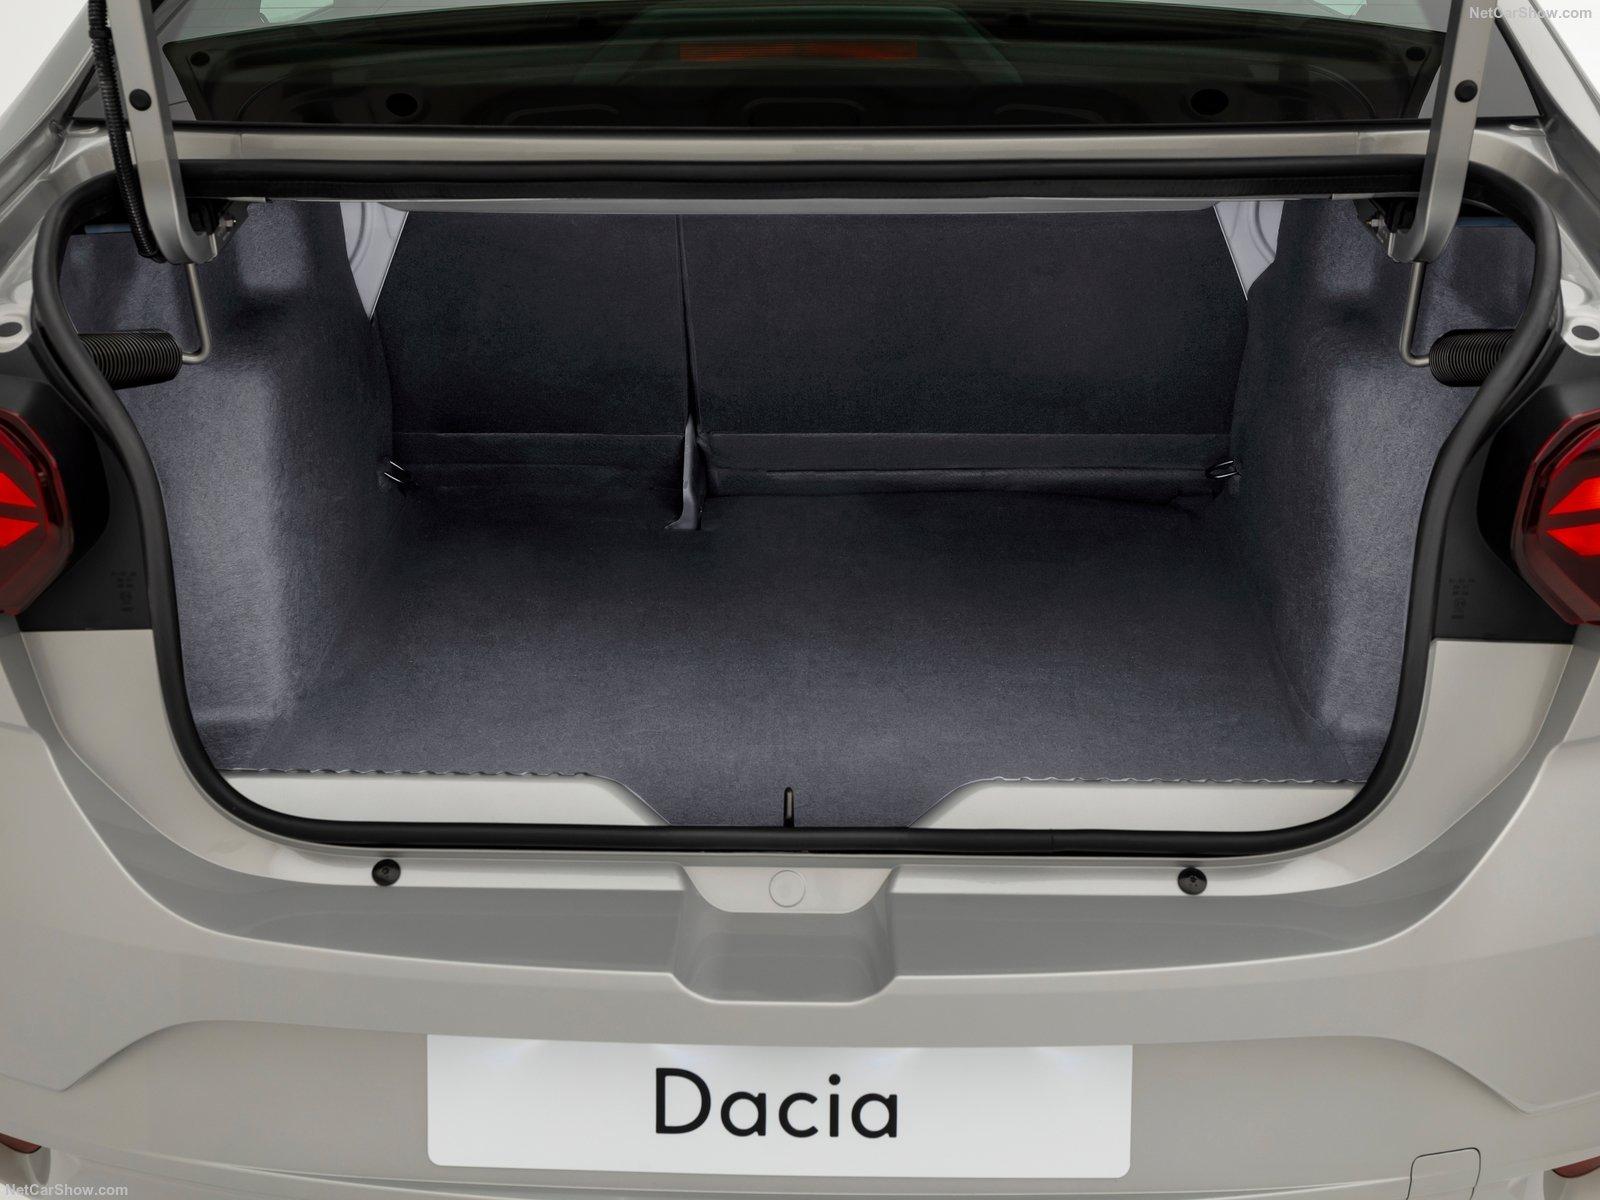 Dacia-Logan-2021-1600-10